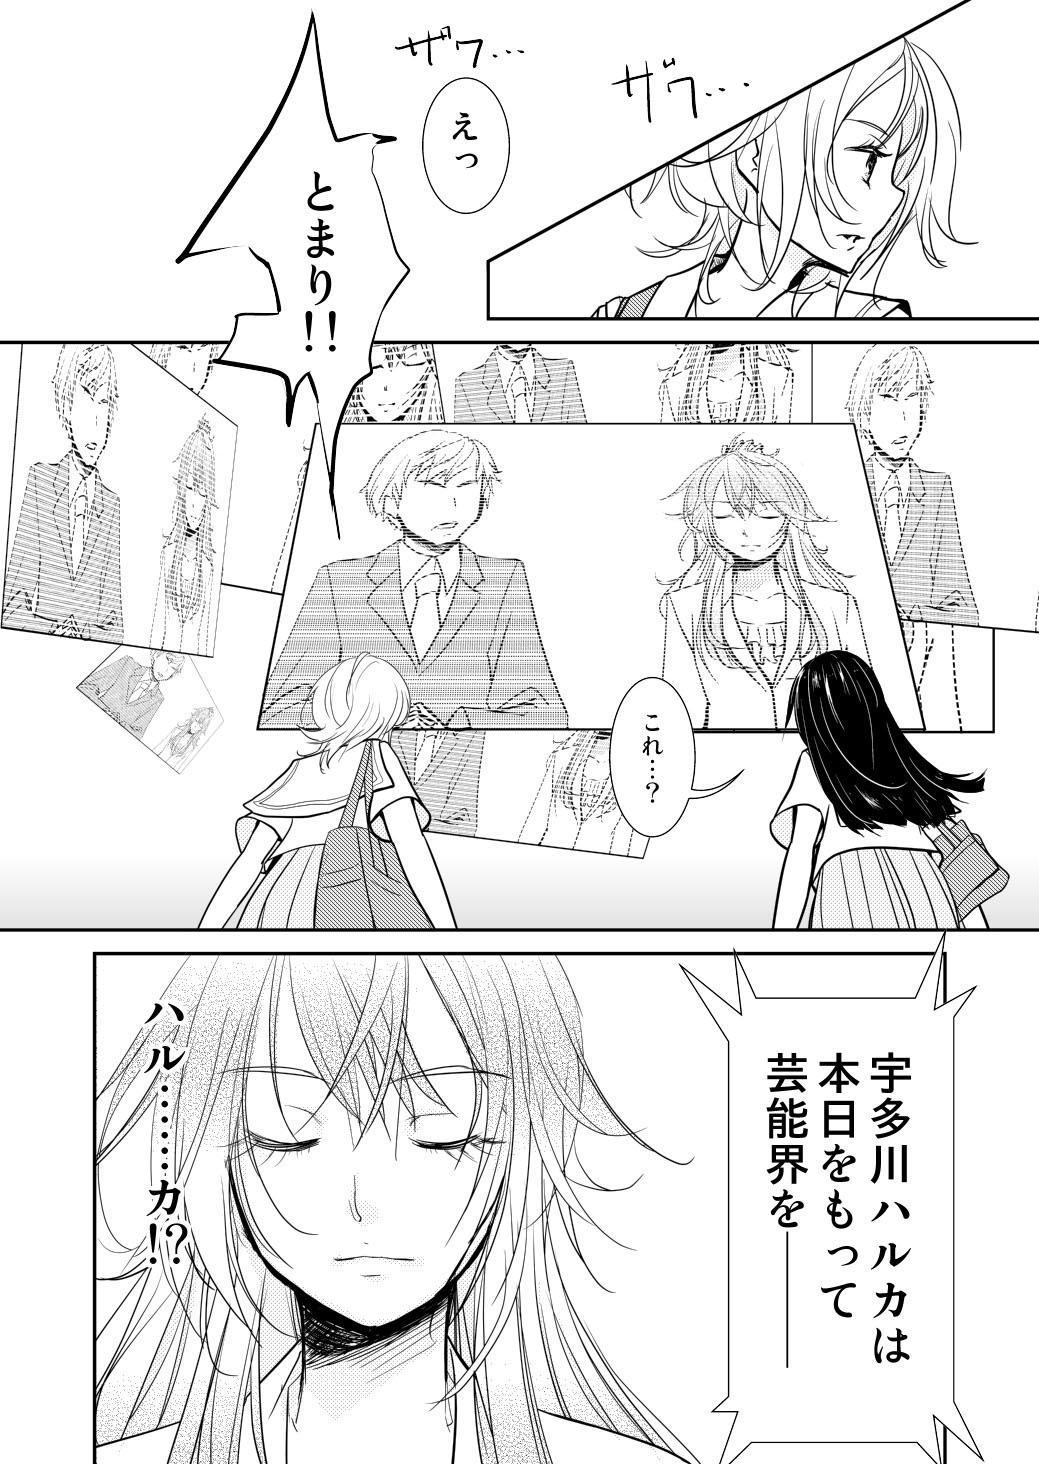 Yakusoku no Sora to Kimigaita Basho 1 ~ 2 23